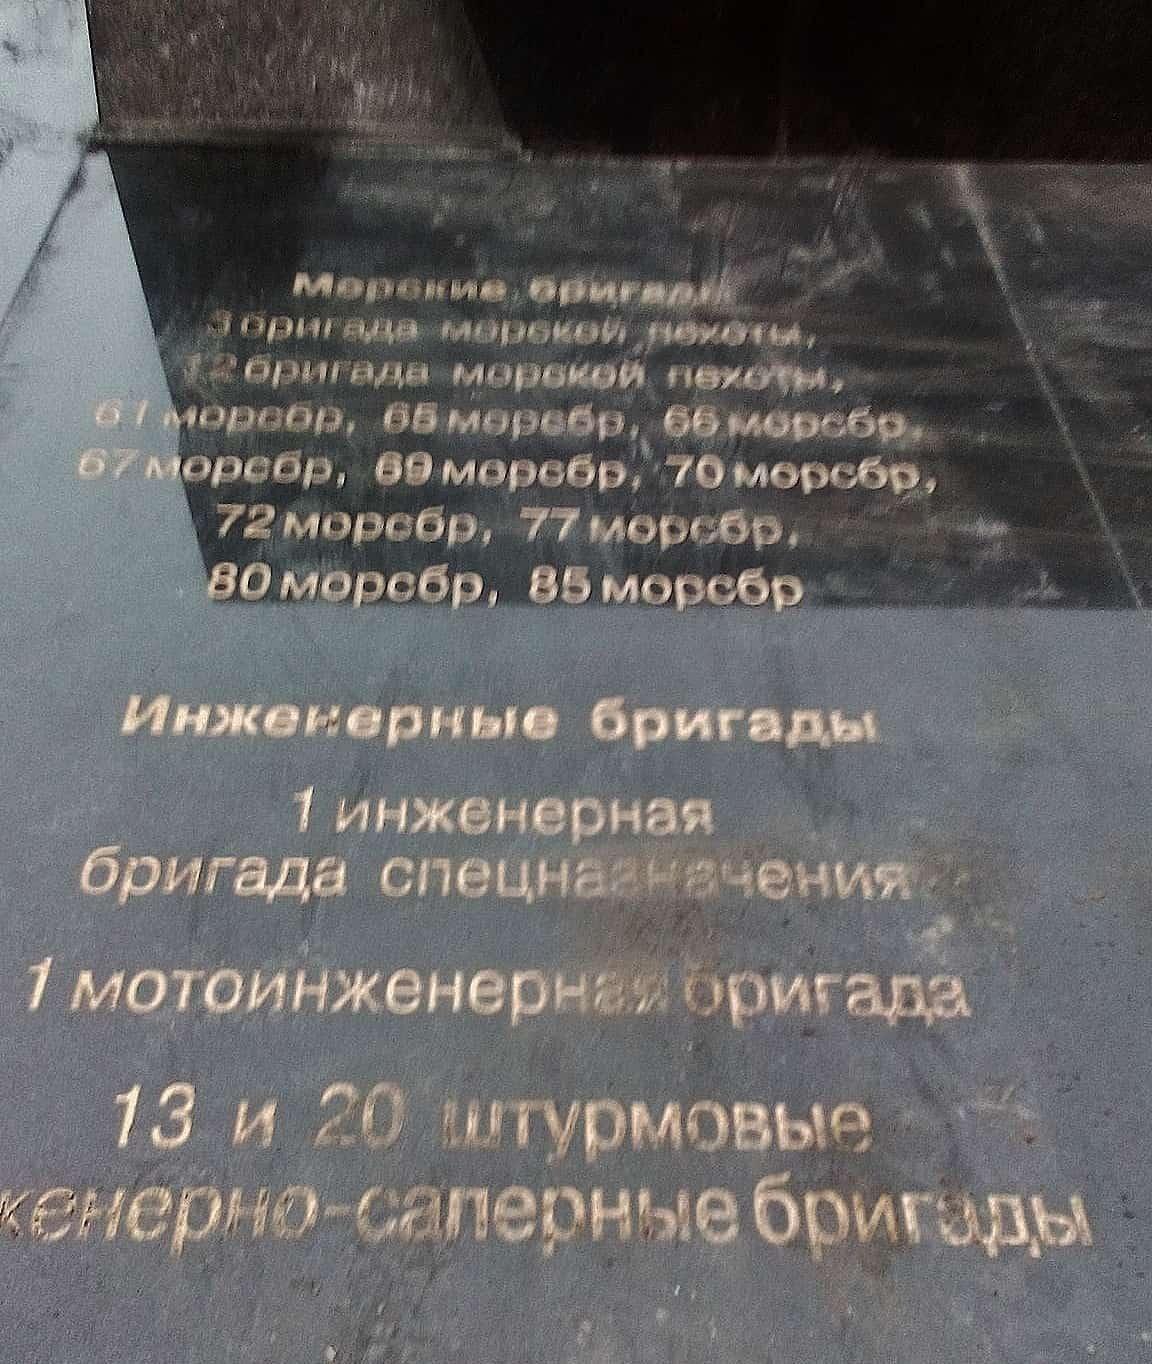 """""""Морсбр"""" это и сейчас  расшифровать могут единицы. А через 5-10 лет кто поймёт написанное? фото Т.Смирновой"""